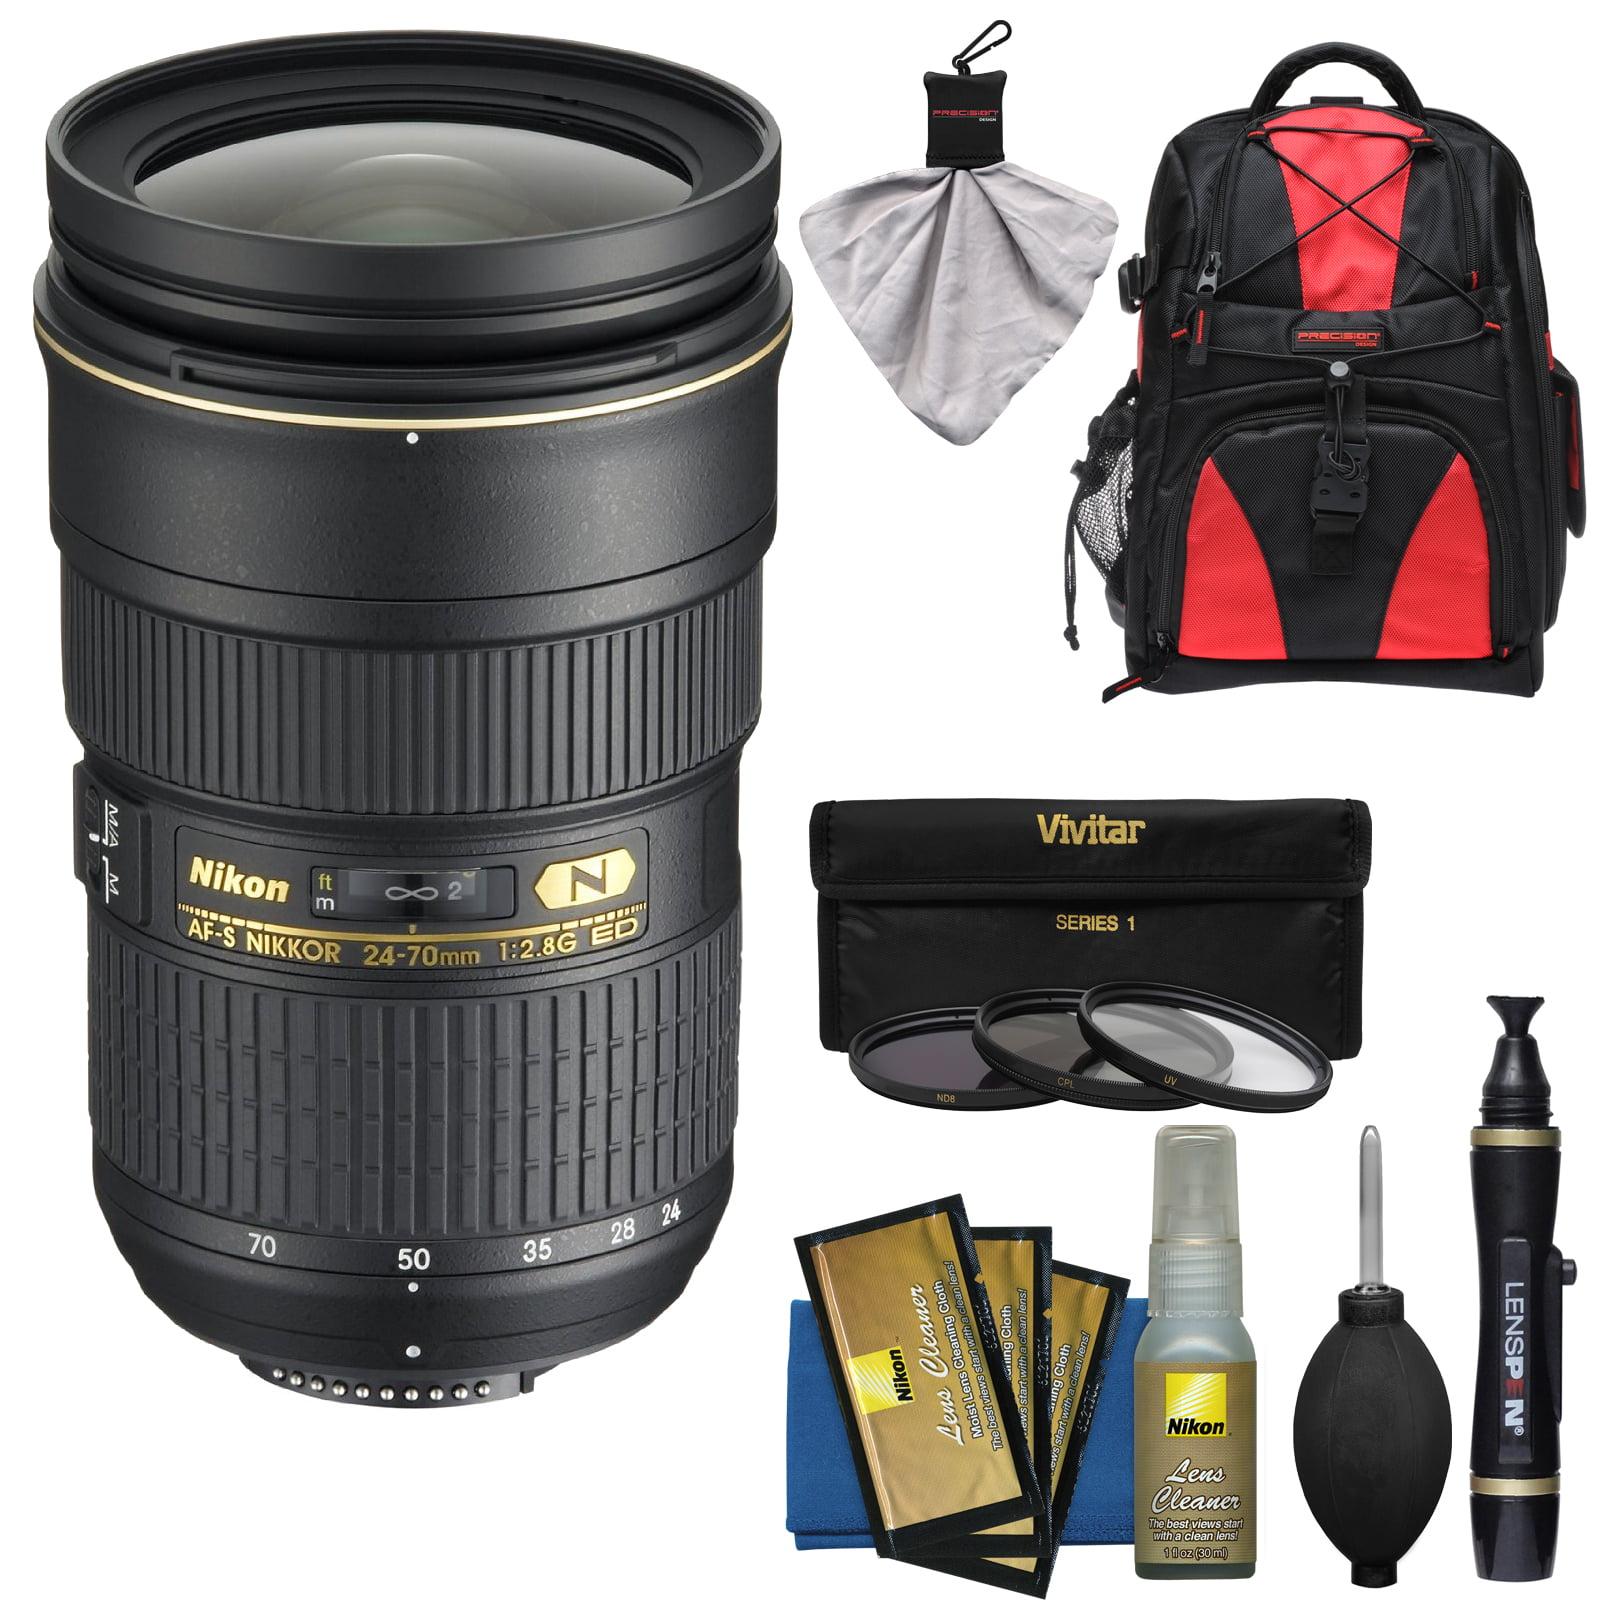 Nikon 24-70mm f/2.8G AF-S ED Zoom-Nikkor Lens with Backpack + 3 Filters + Kit for D3200, D3300, D5300, D5500, D7100, D7200, D750, D810 Cameras